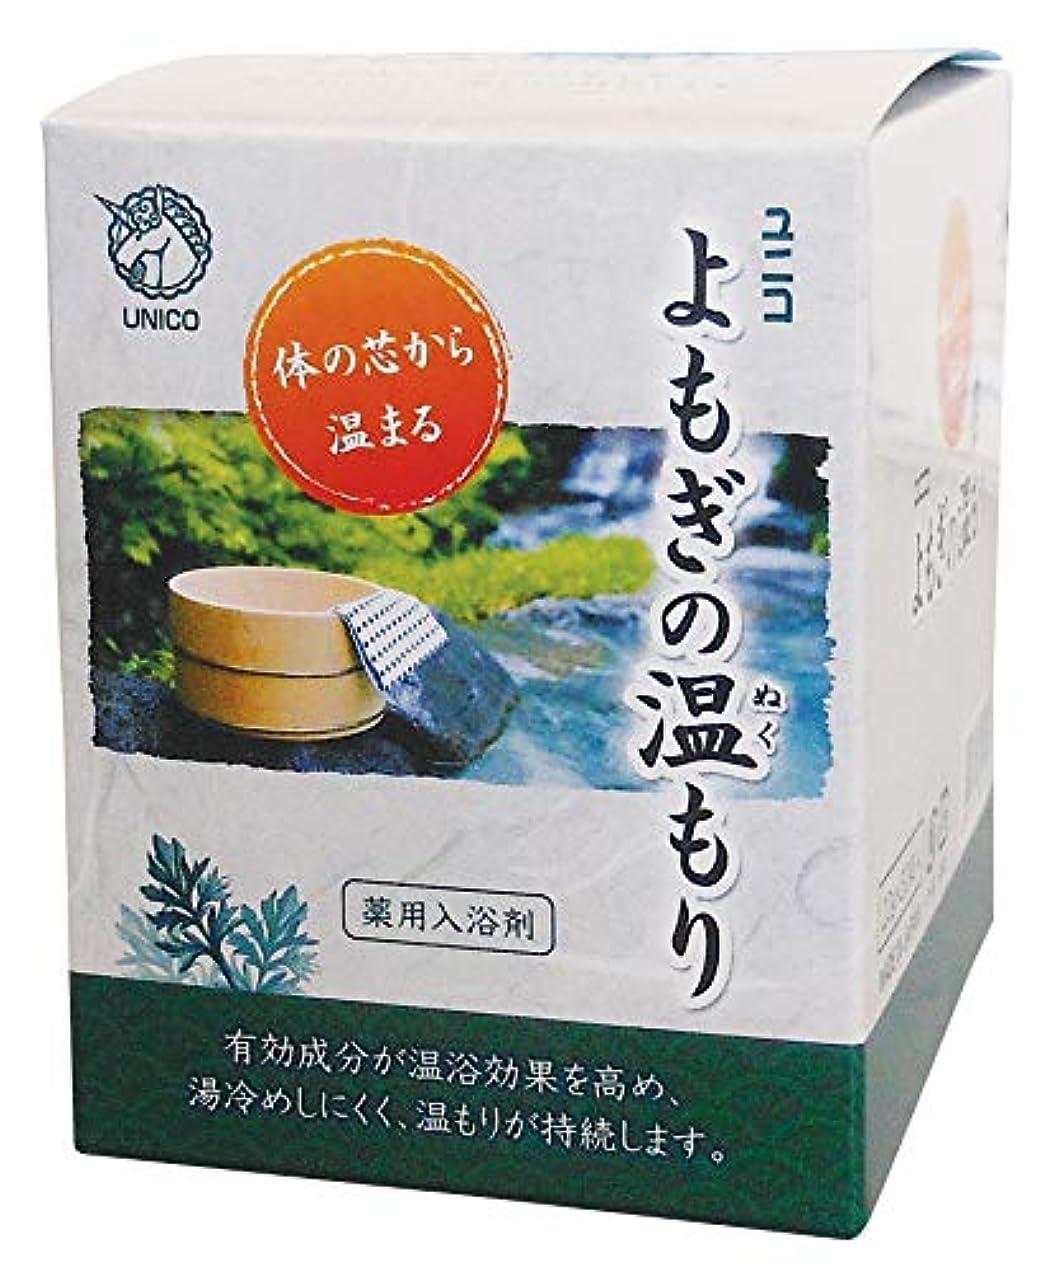 良さ鮫列車ユニコ 薬用入浴剤 よもぎの温もり 20g×30袋入